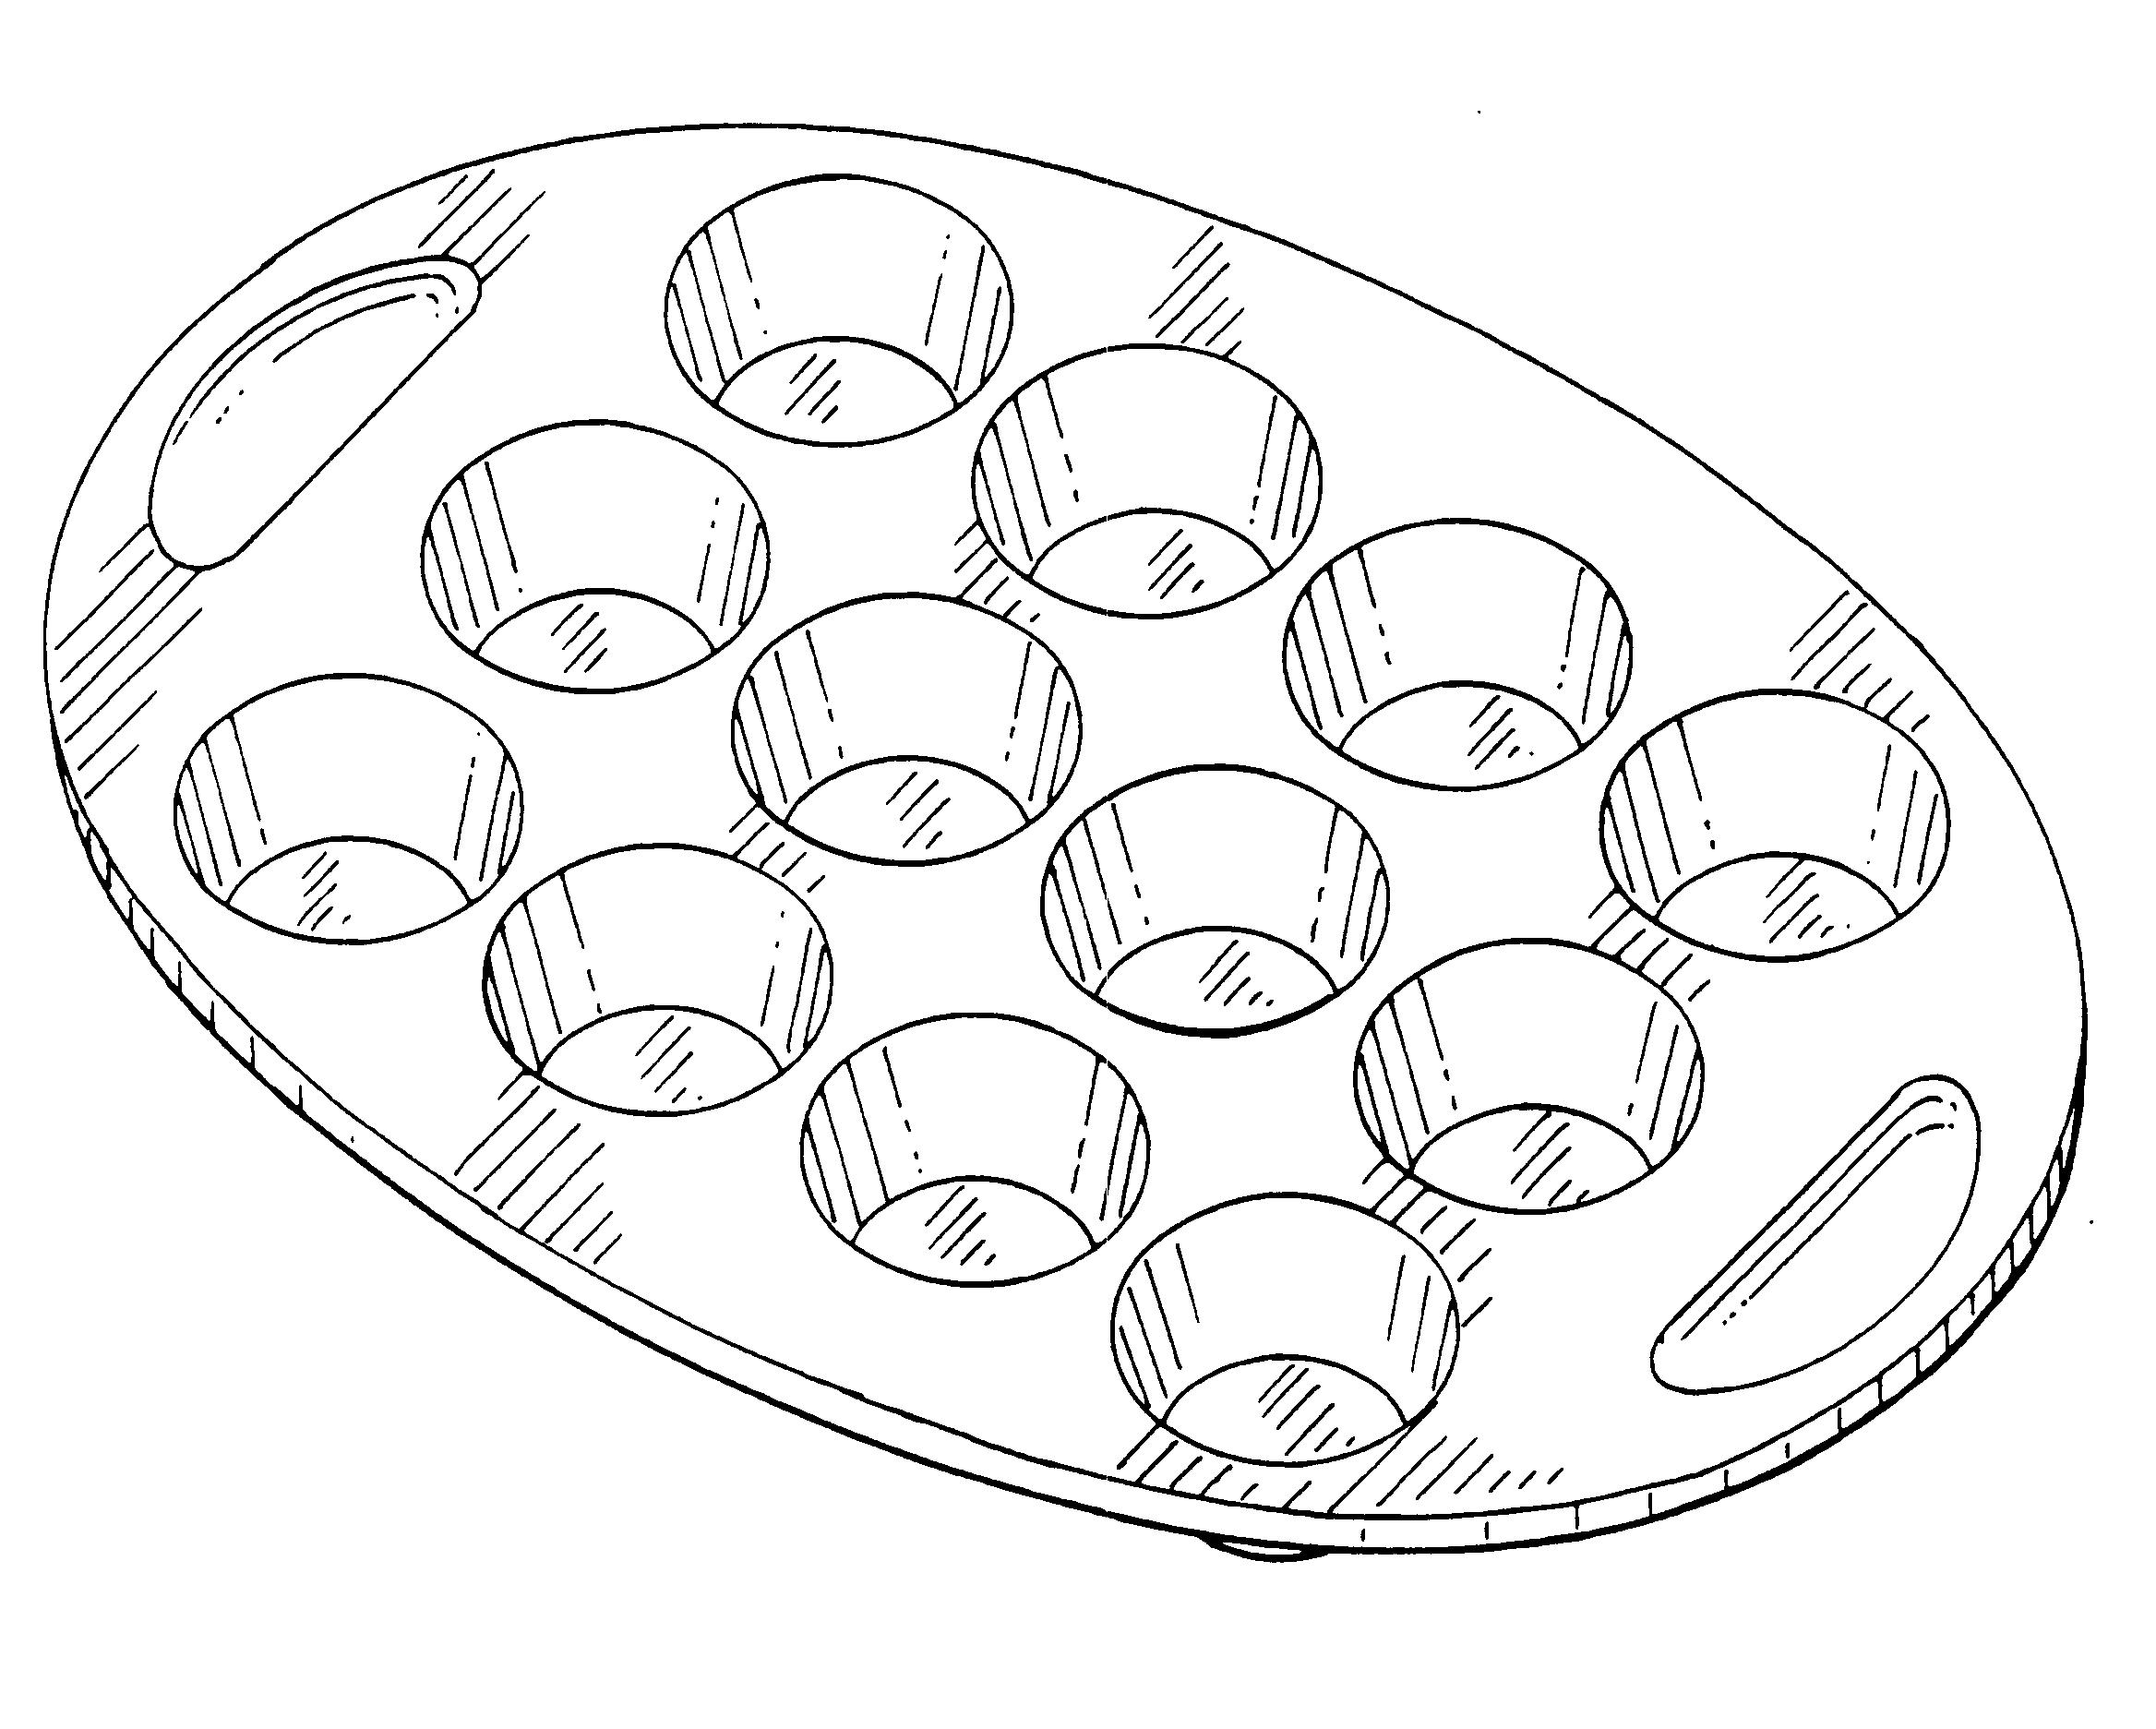 简笔画 设计 矢量 矢量图 手绘 素材 线稿 2336_1873